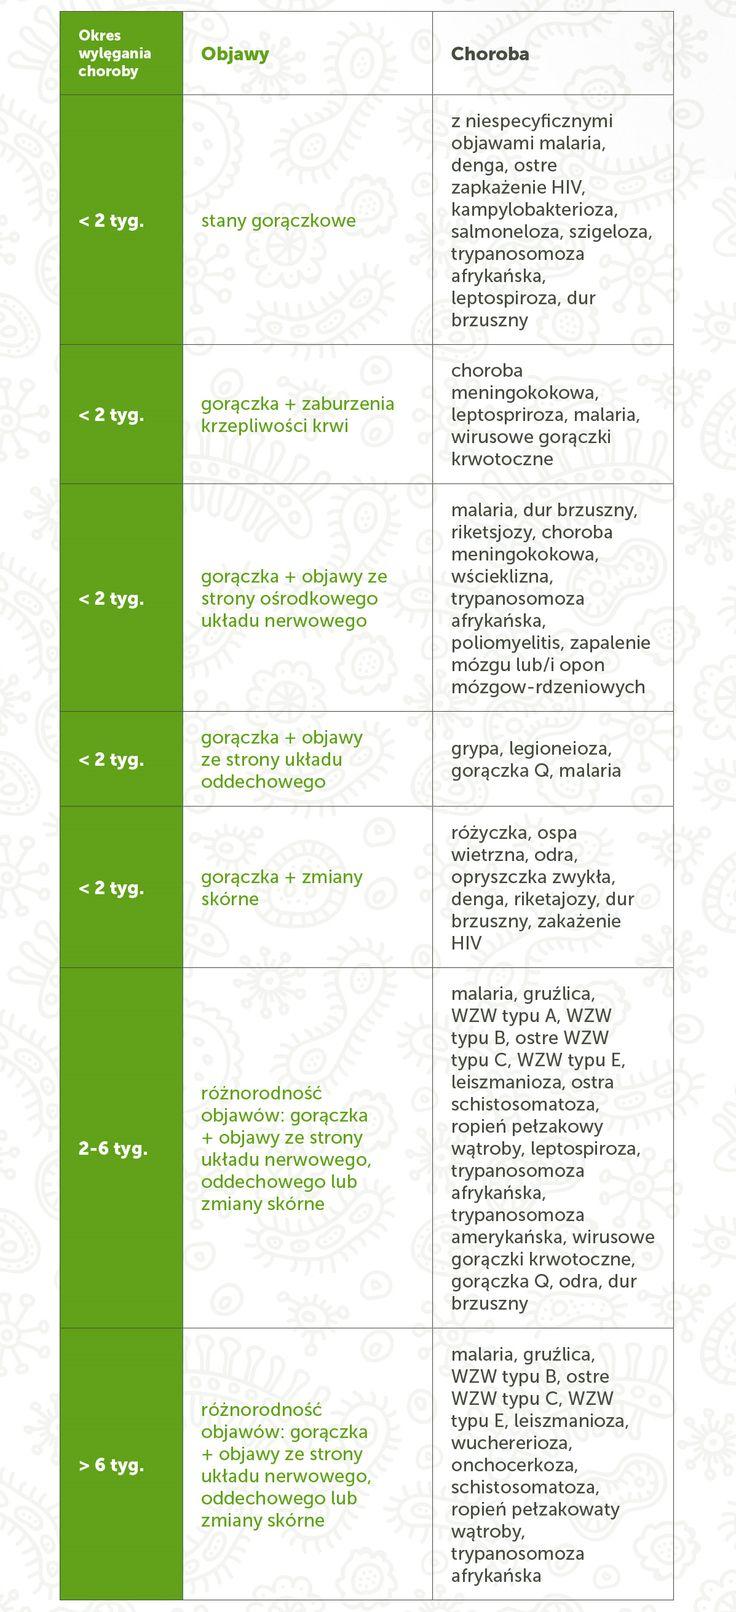 Objawy chorób po powrocie do domu. Więcej tutaj: http://www.mfind.pl/infografiki/choroby-tropikalne-niezbednik-turysty-zobacz-infografike/